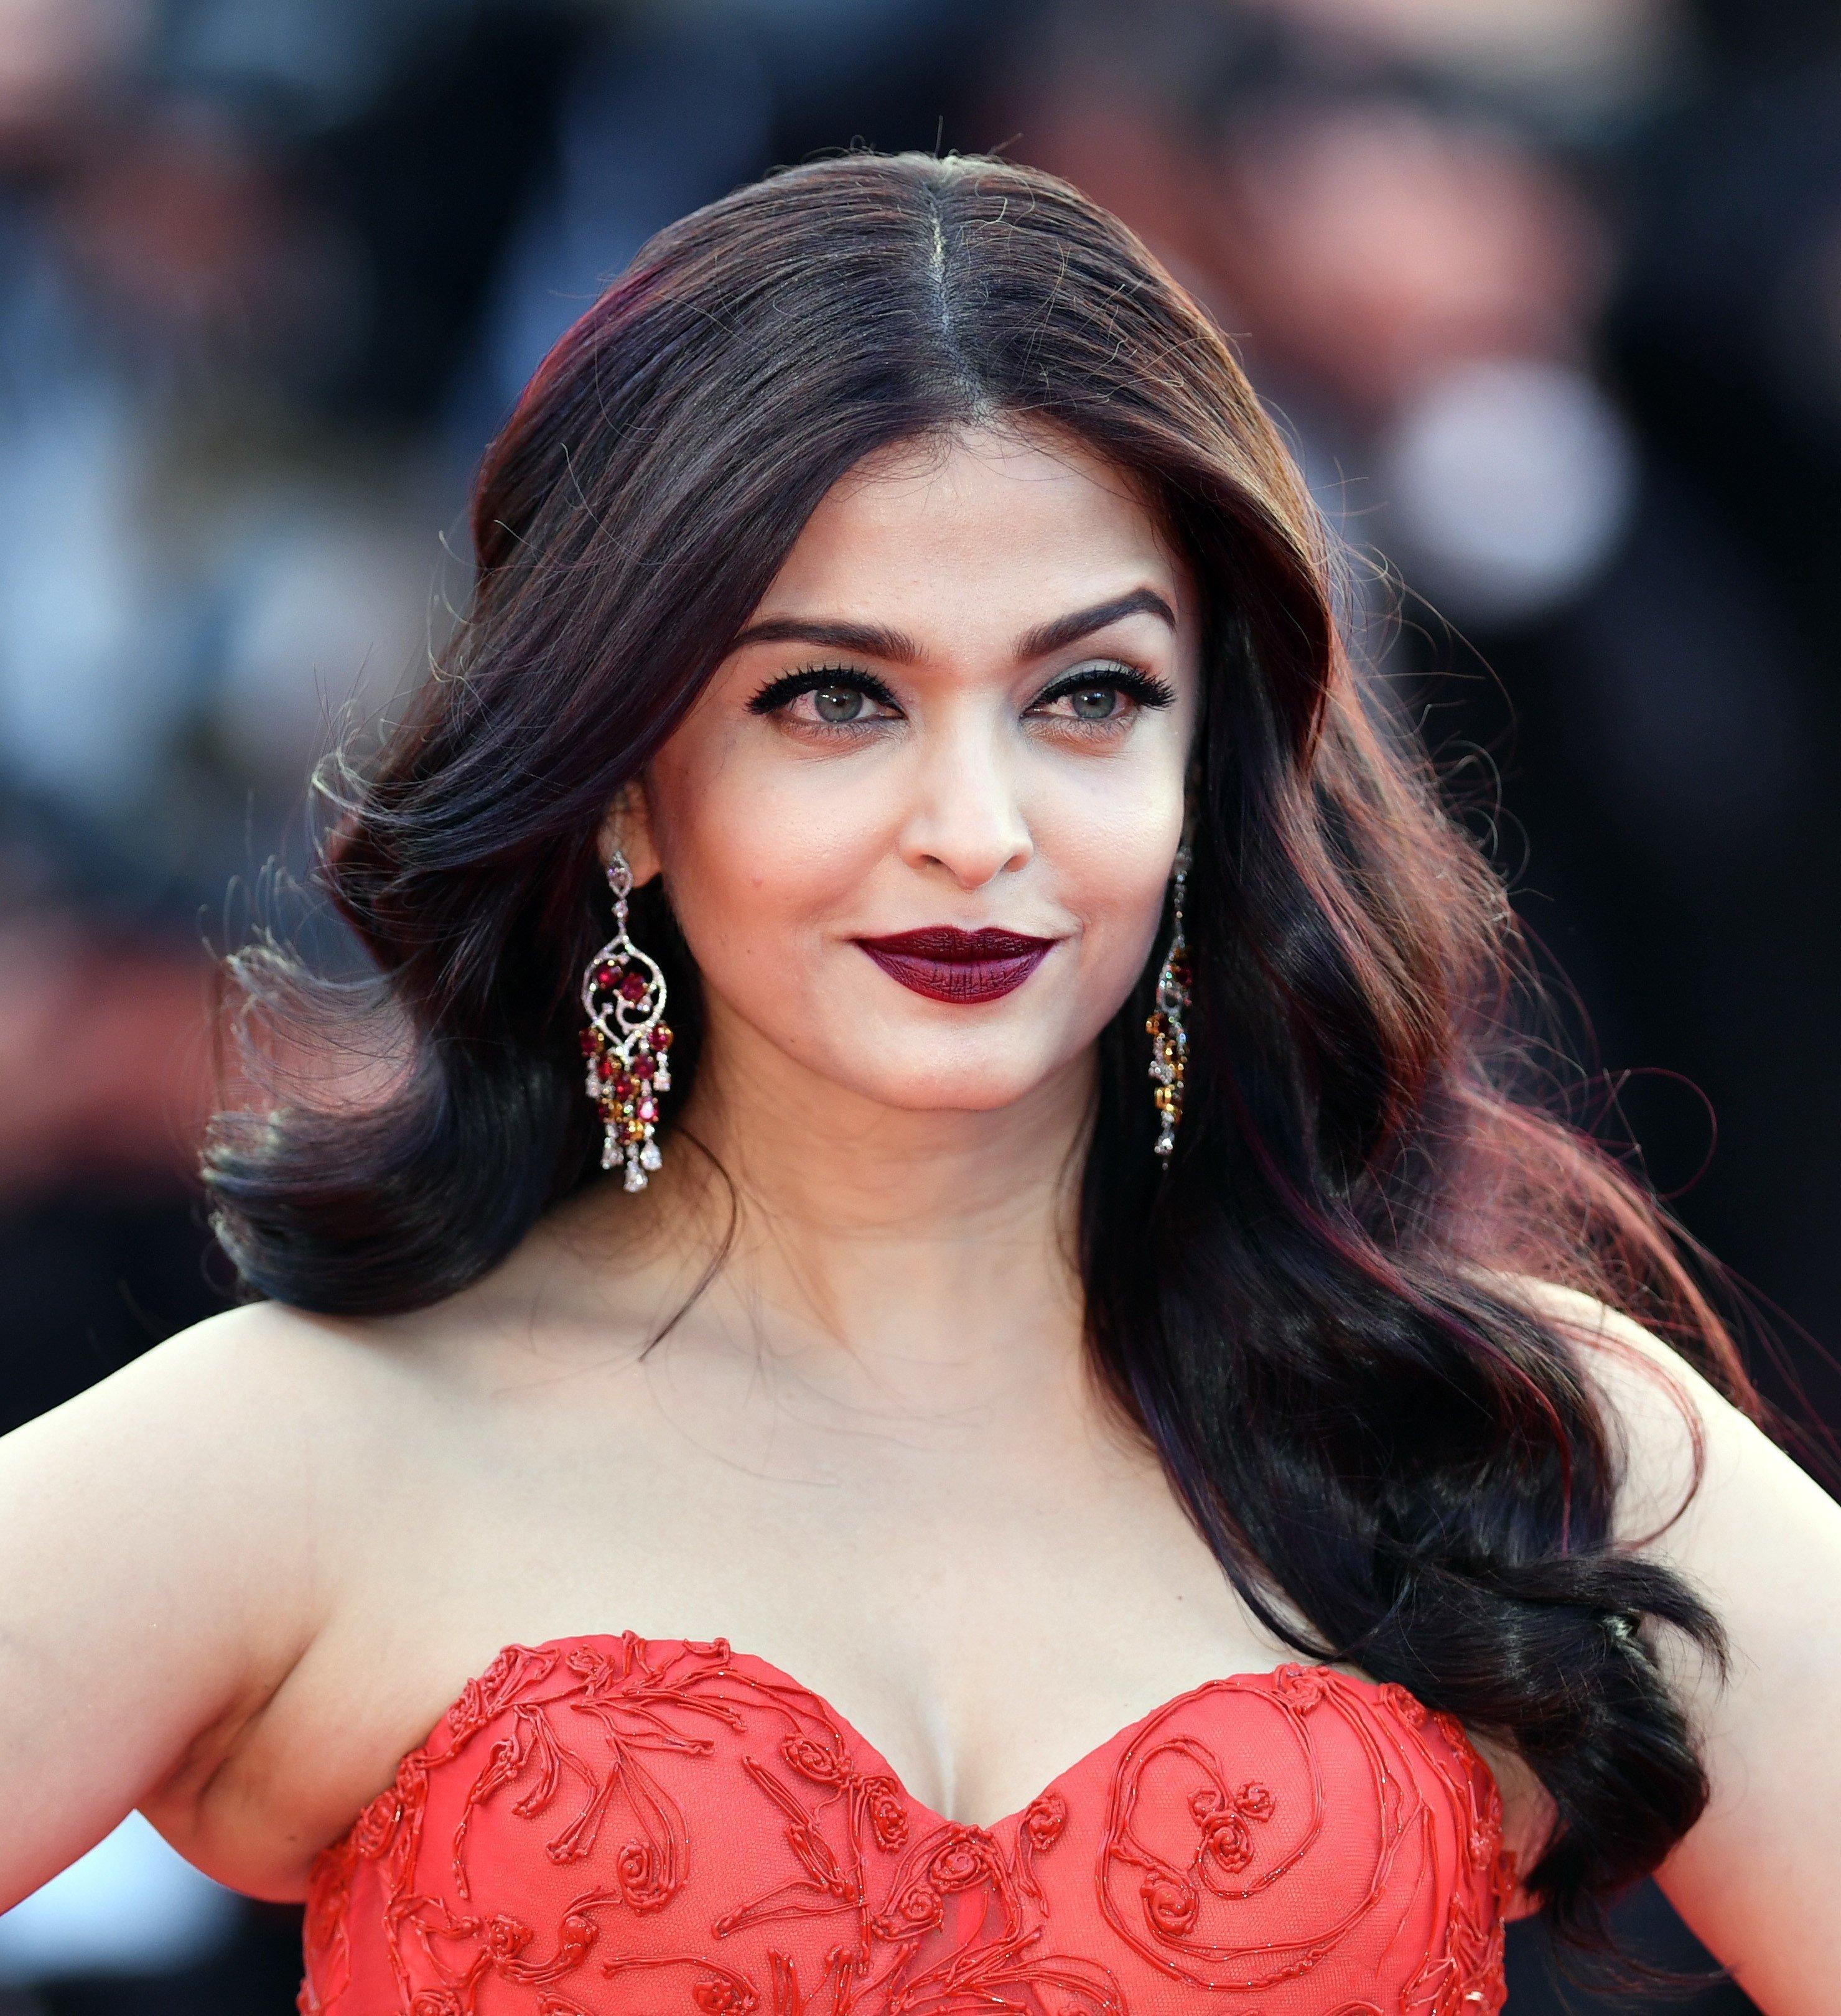 Κάννες: Donatella Versace, Aishwarya Rai και Vanessa Redgrave ανάμεσα στις 25 επίτιμες προέδρους στο gala